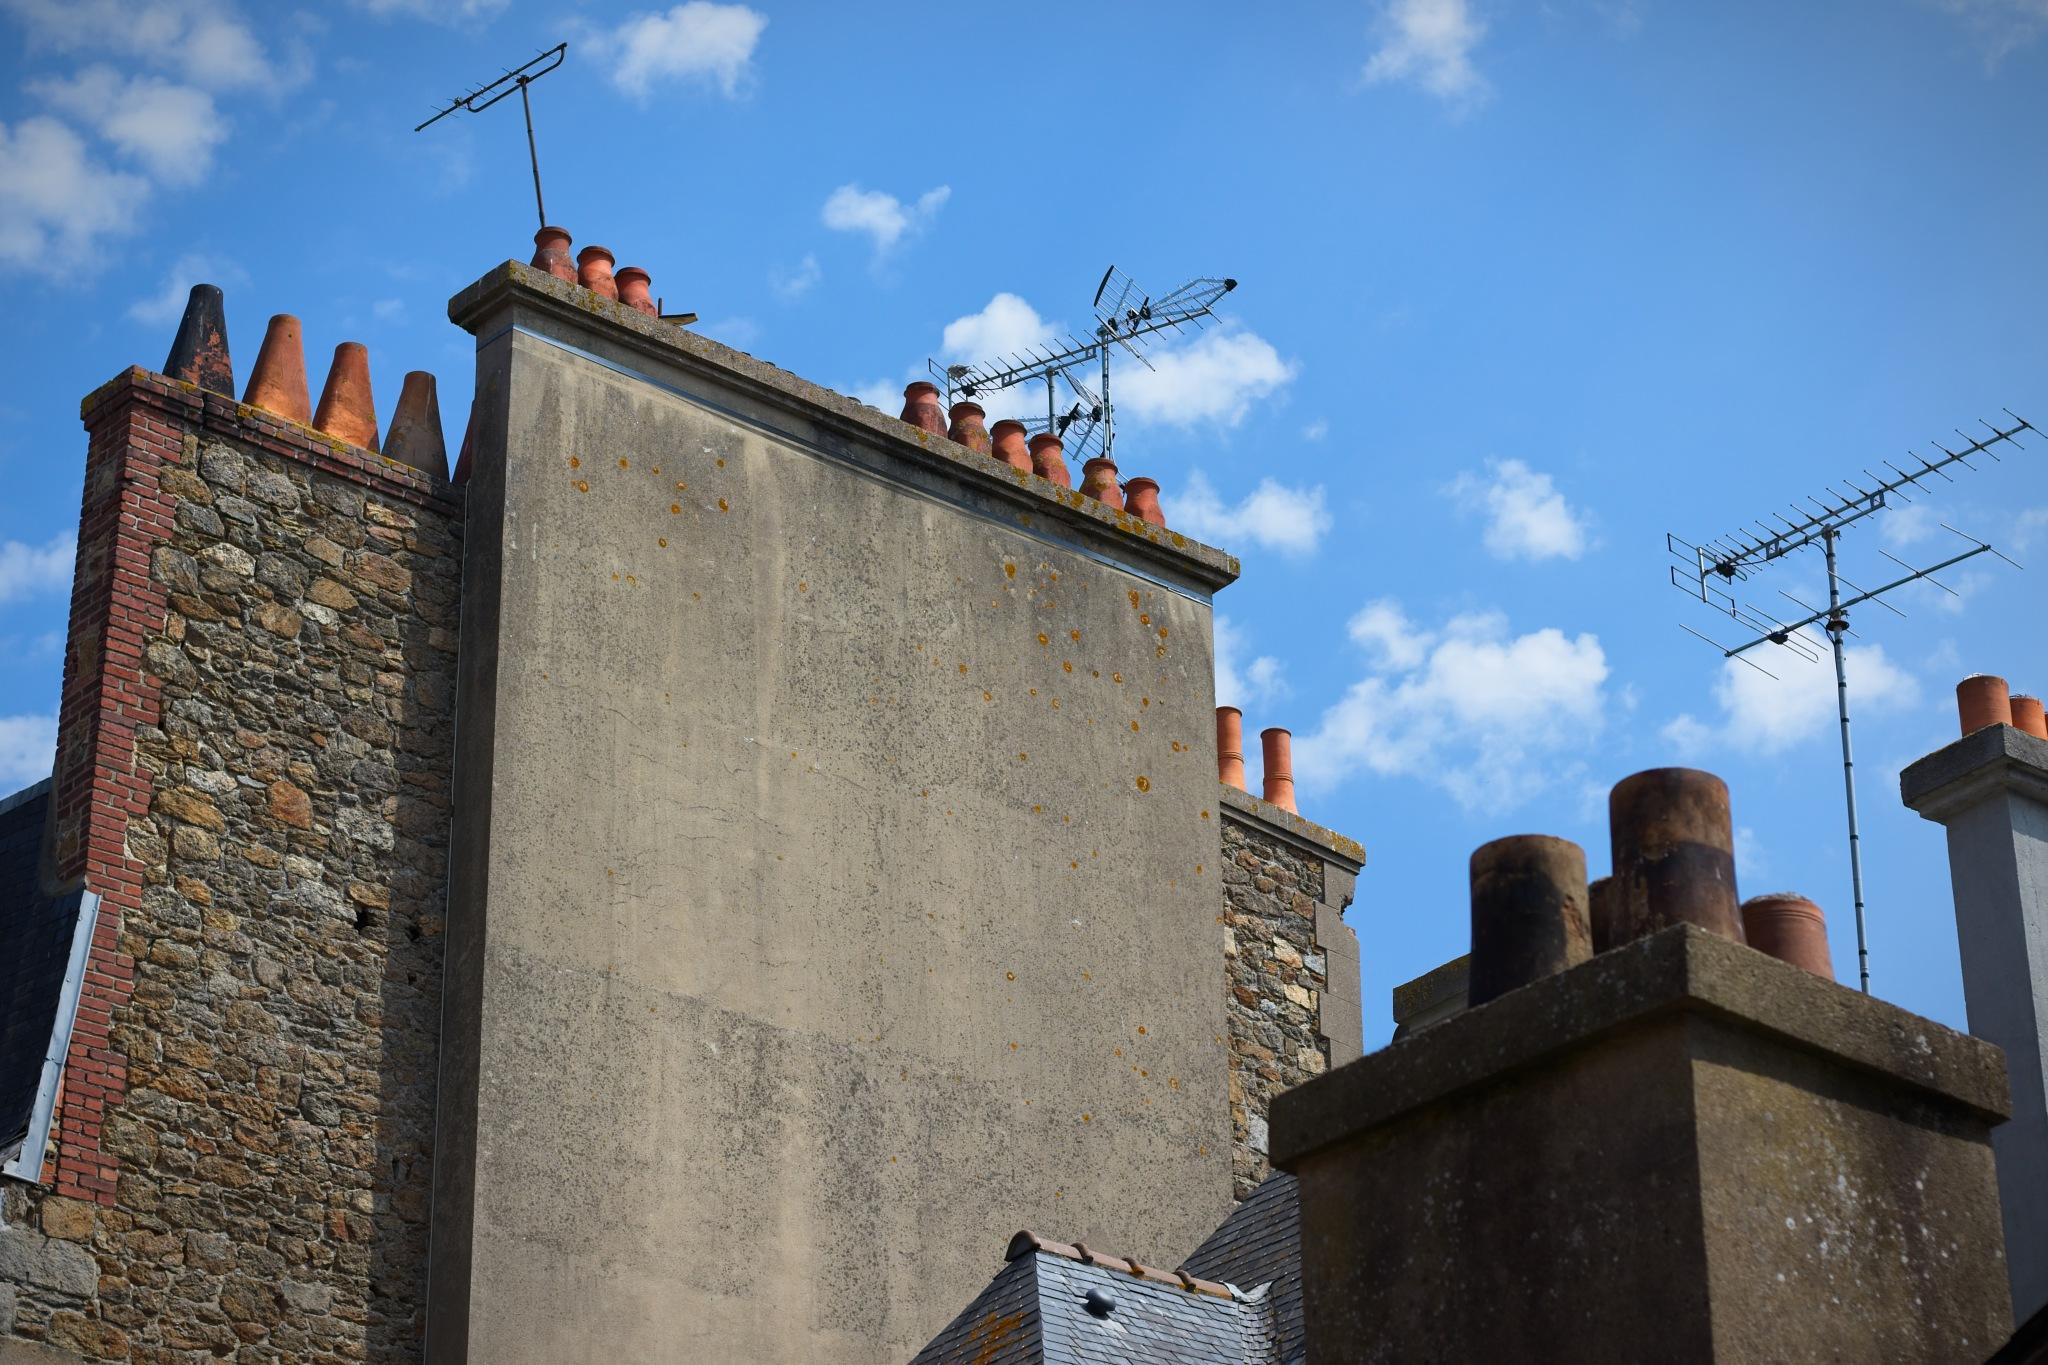 Chimneys by Noah Hürlimann